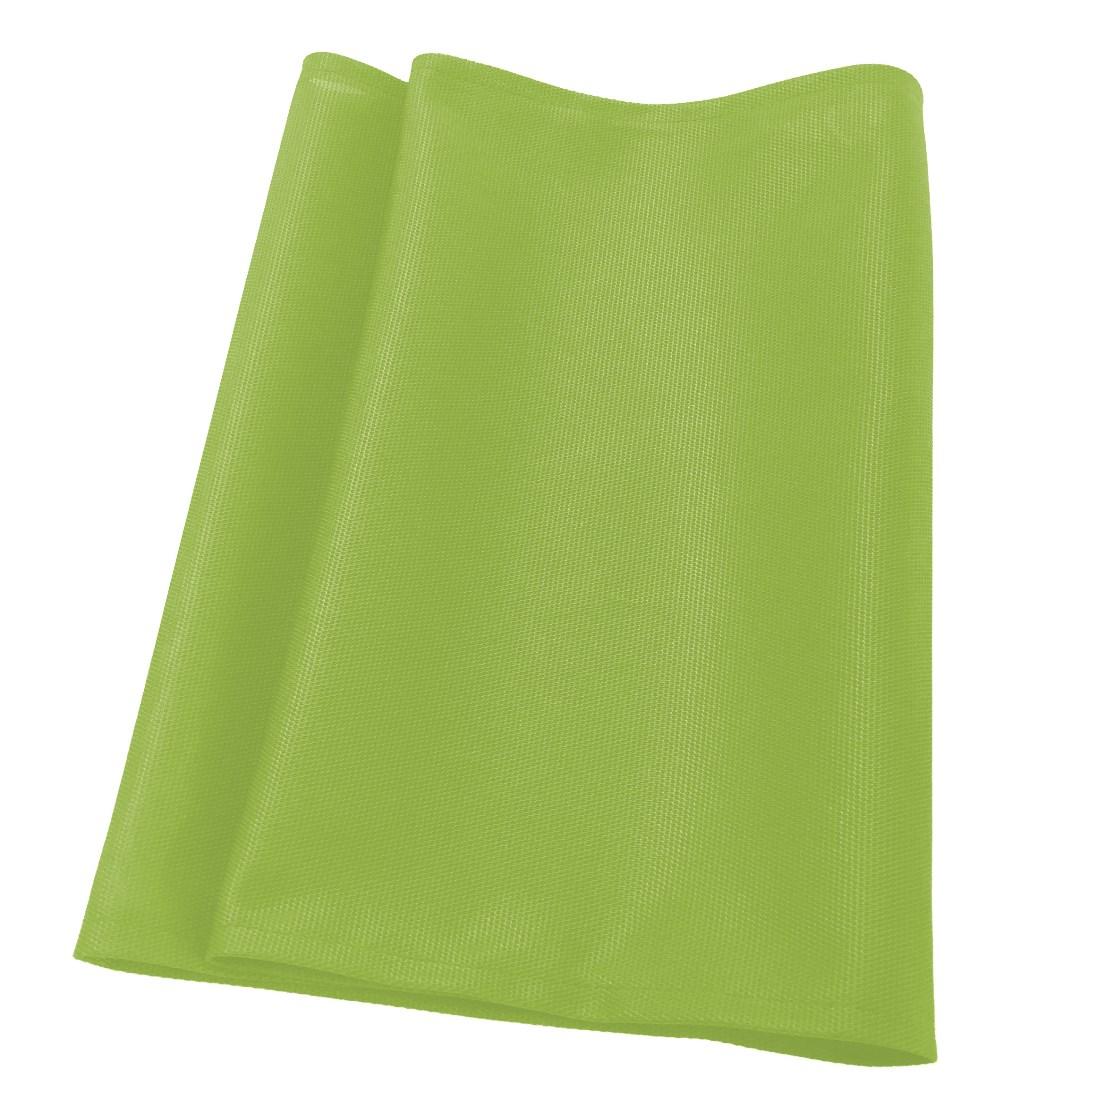 Pokrowiec dekoracyjny do oczyszczaczy powietrza IDEAL AP 30 / 40 PRO - zielony